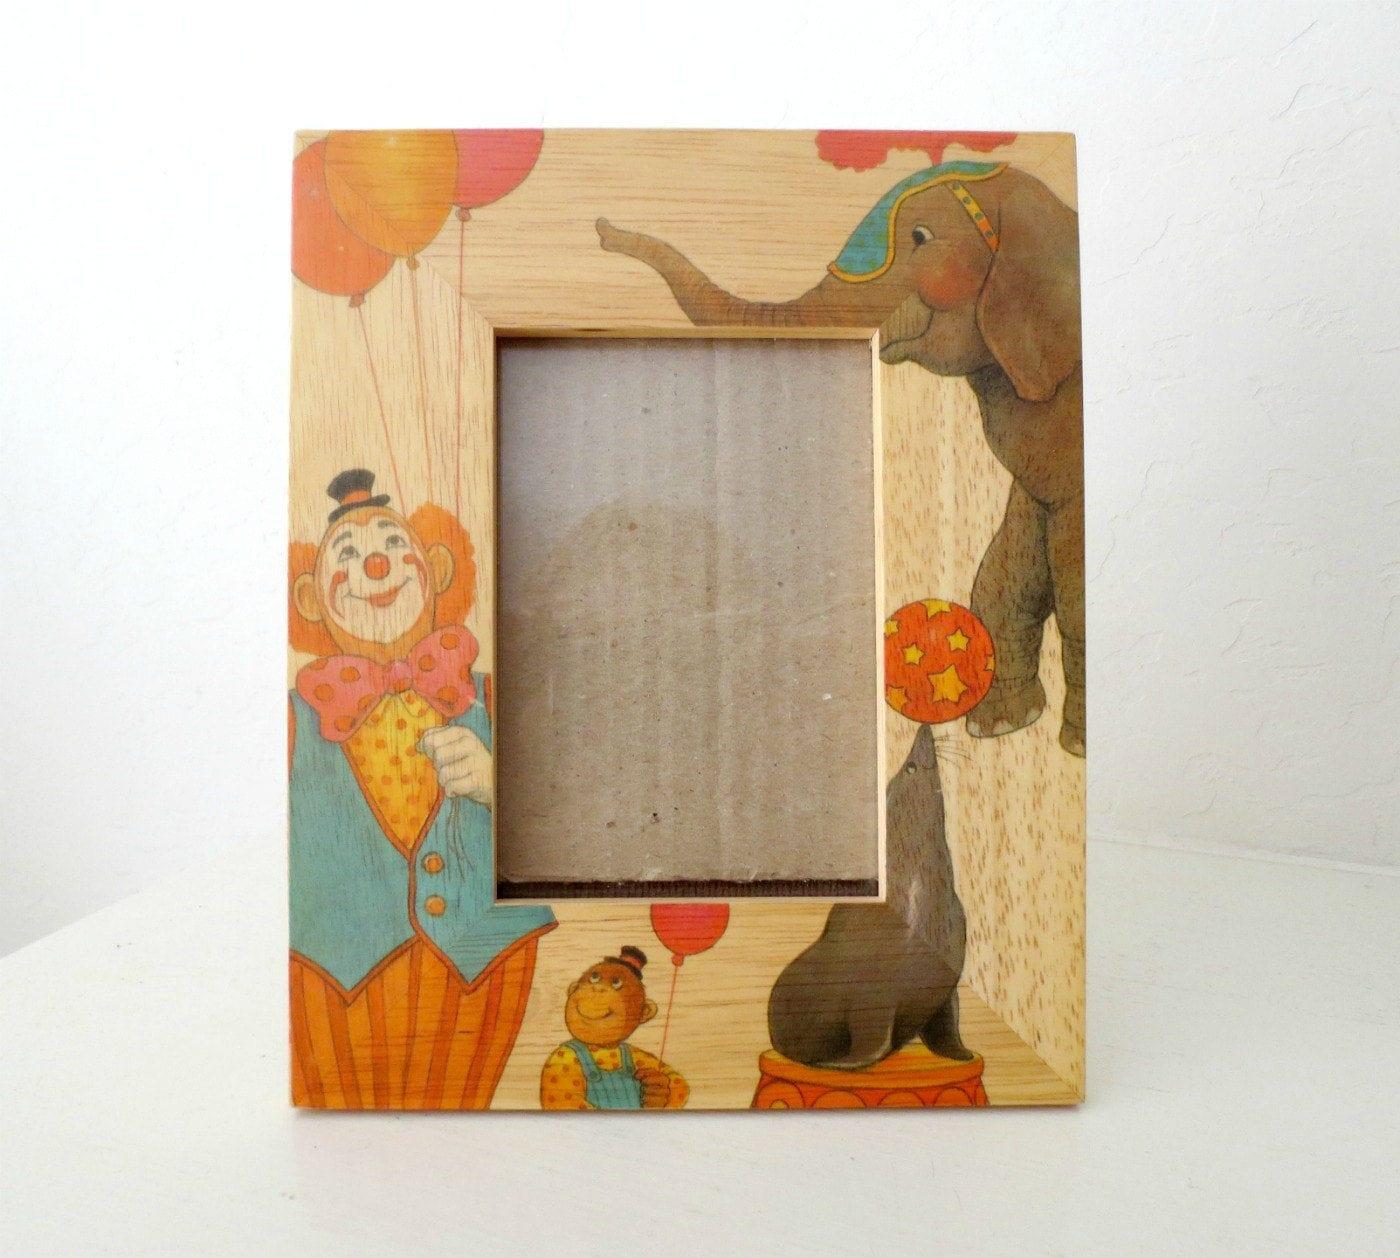 FETCO artesanal madera circo marco marco, infantiles, decoración ...